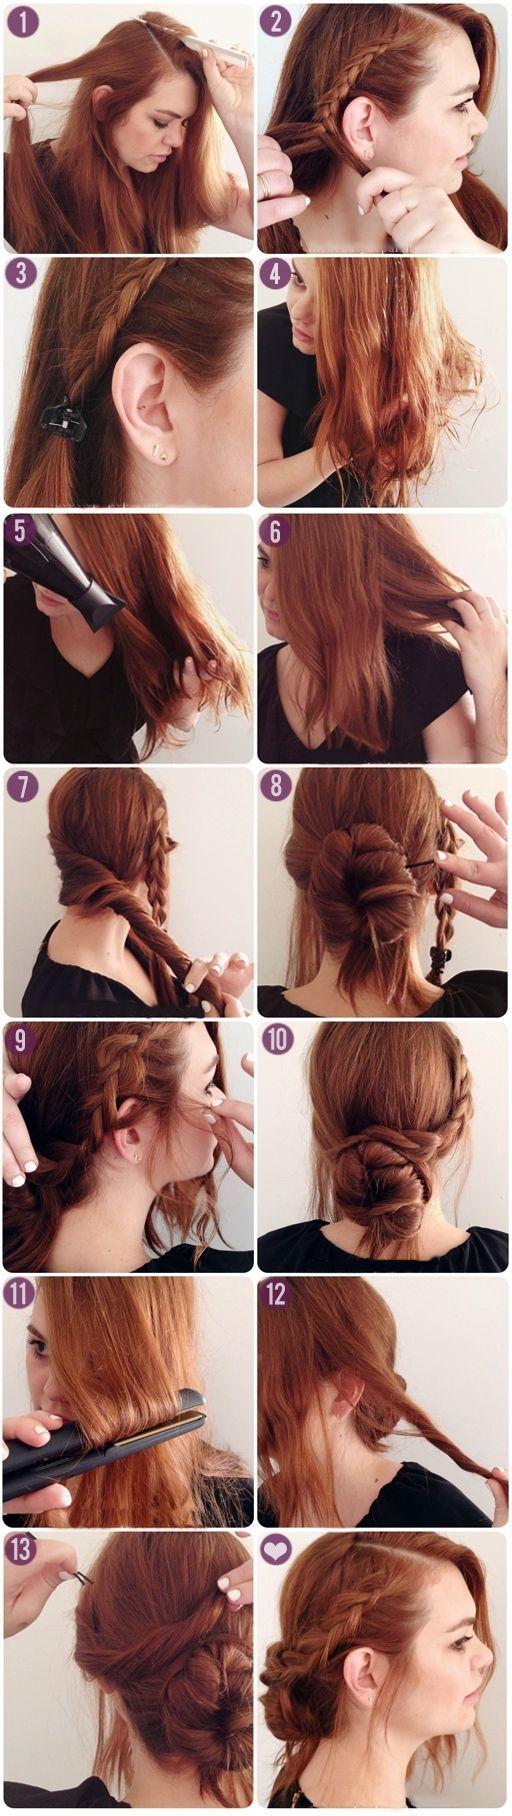 Peinados faciles para cabello largo en capas